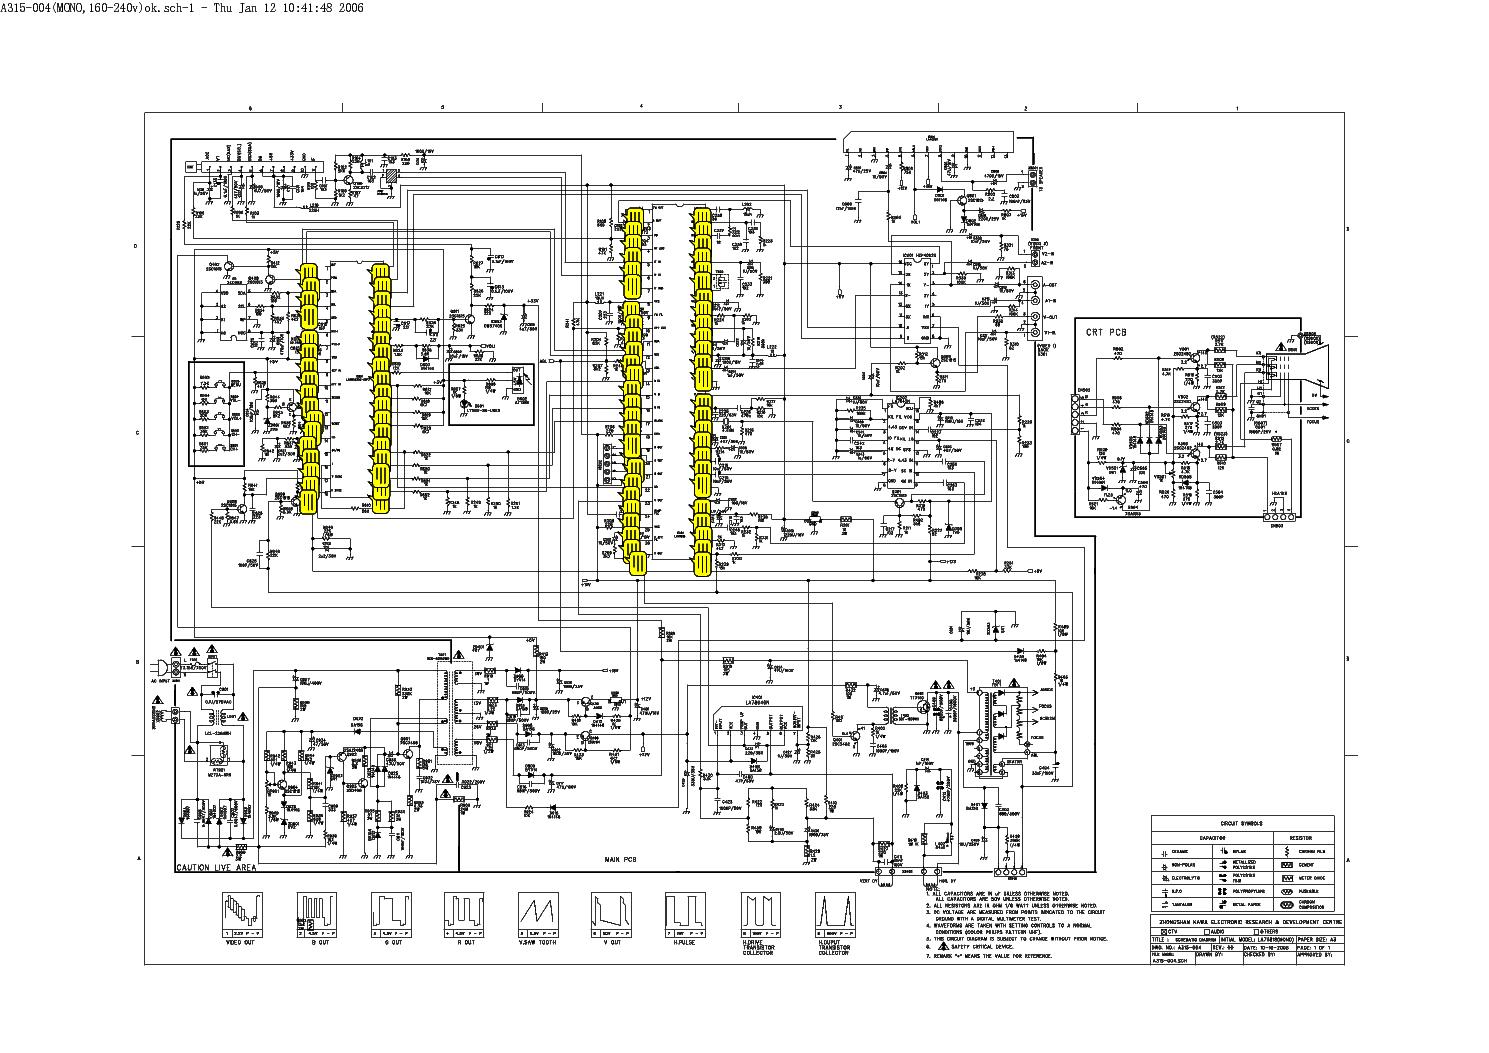 Схема телевизора эриссон 1401 фото 815